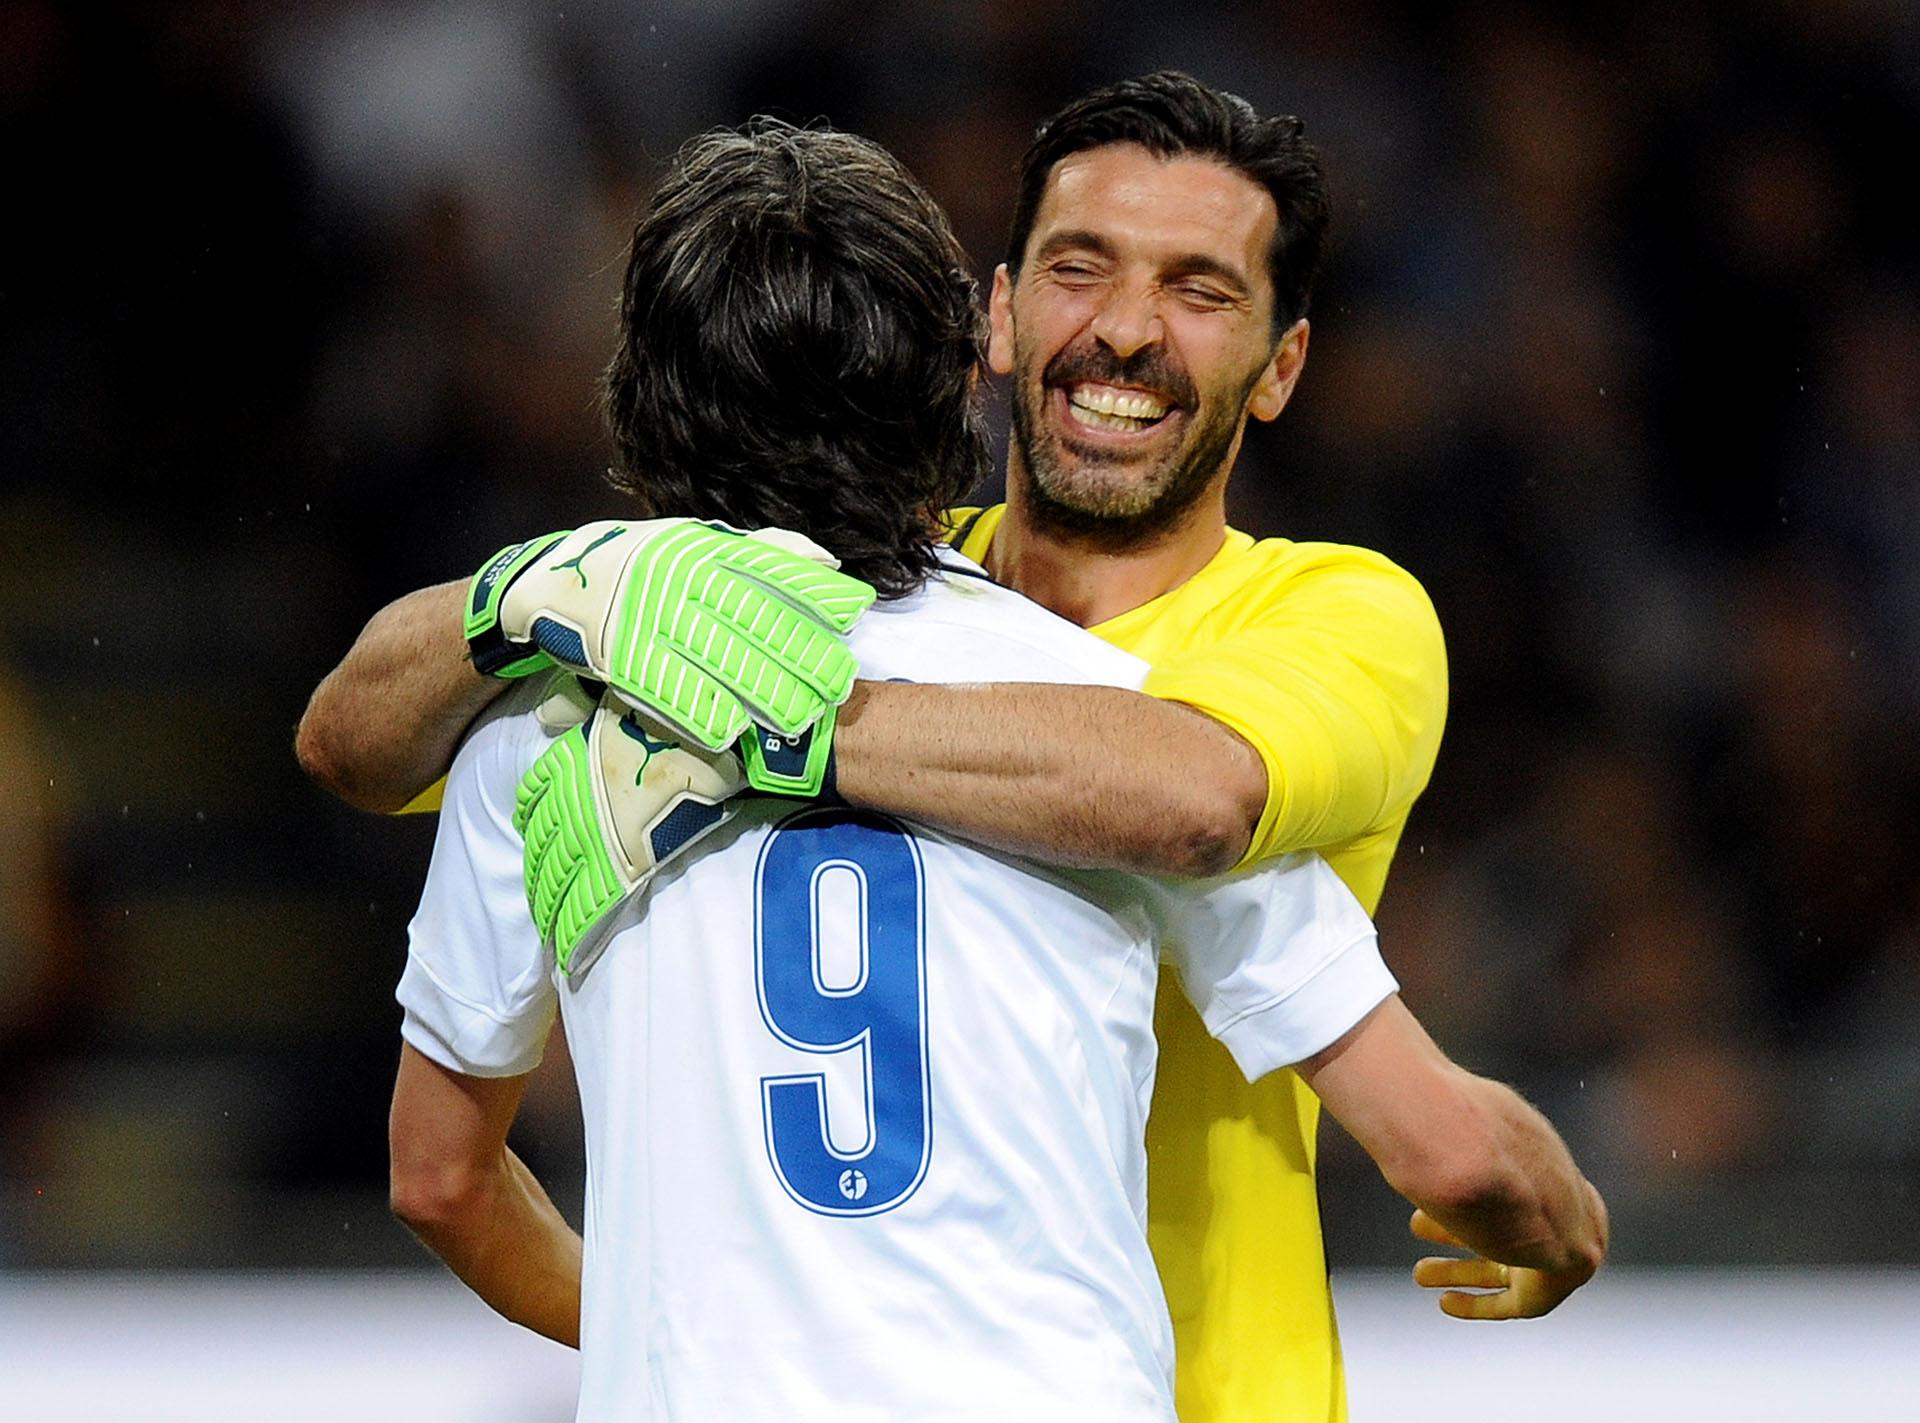 Abrazo entre Gianluigi Buffon y Filippo Inzaghi en el homenaje a Andrea Pirlo (Reuters)